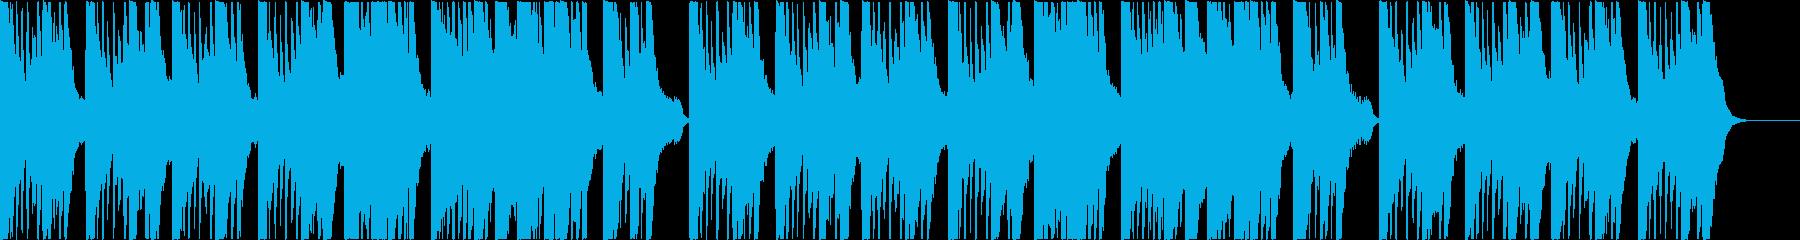 ピアノと琴。澄み切った和の空気。の再生済みの波形